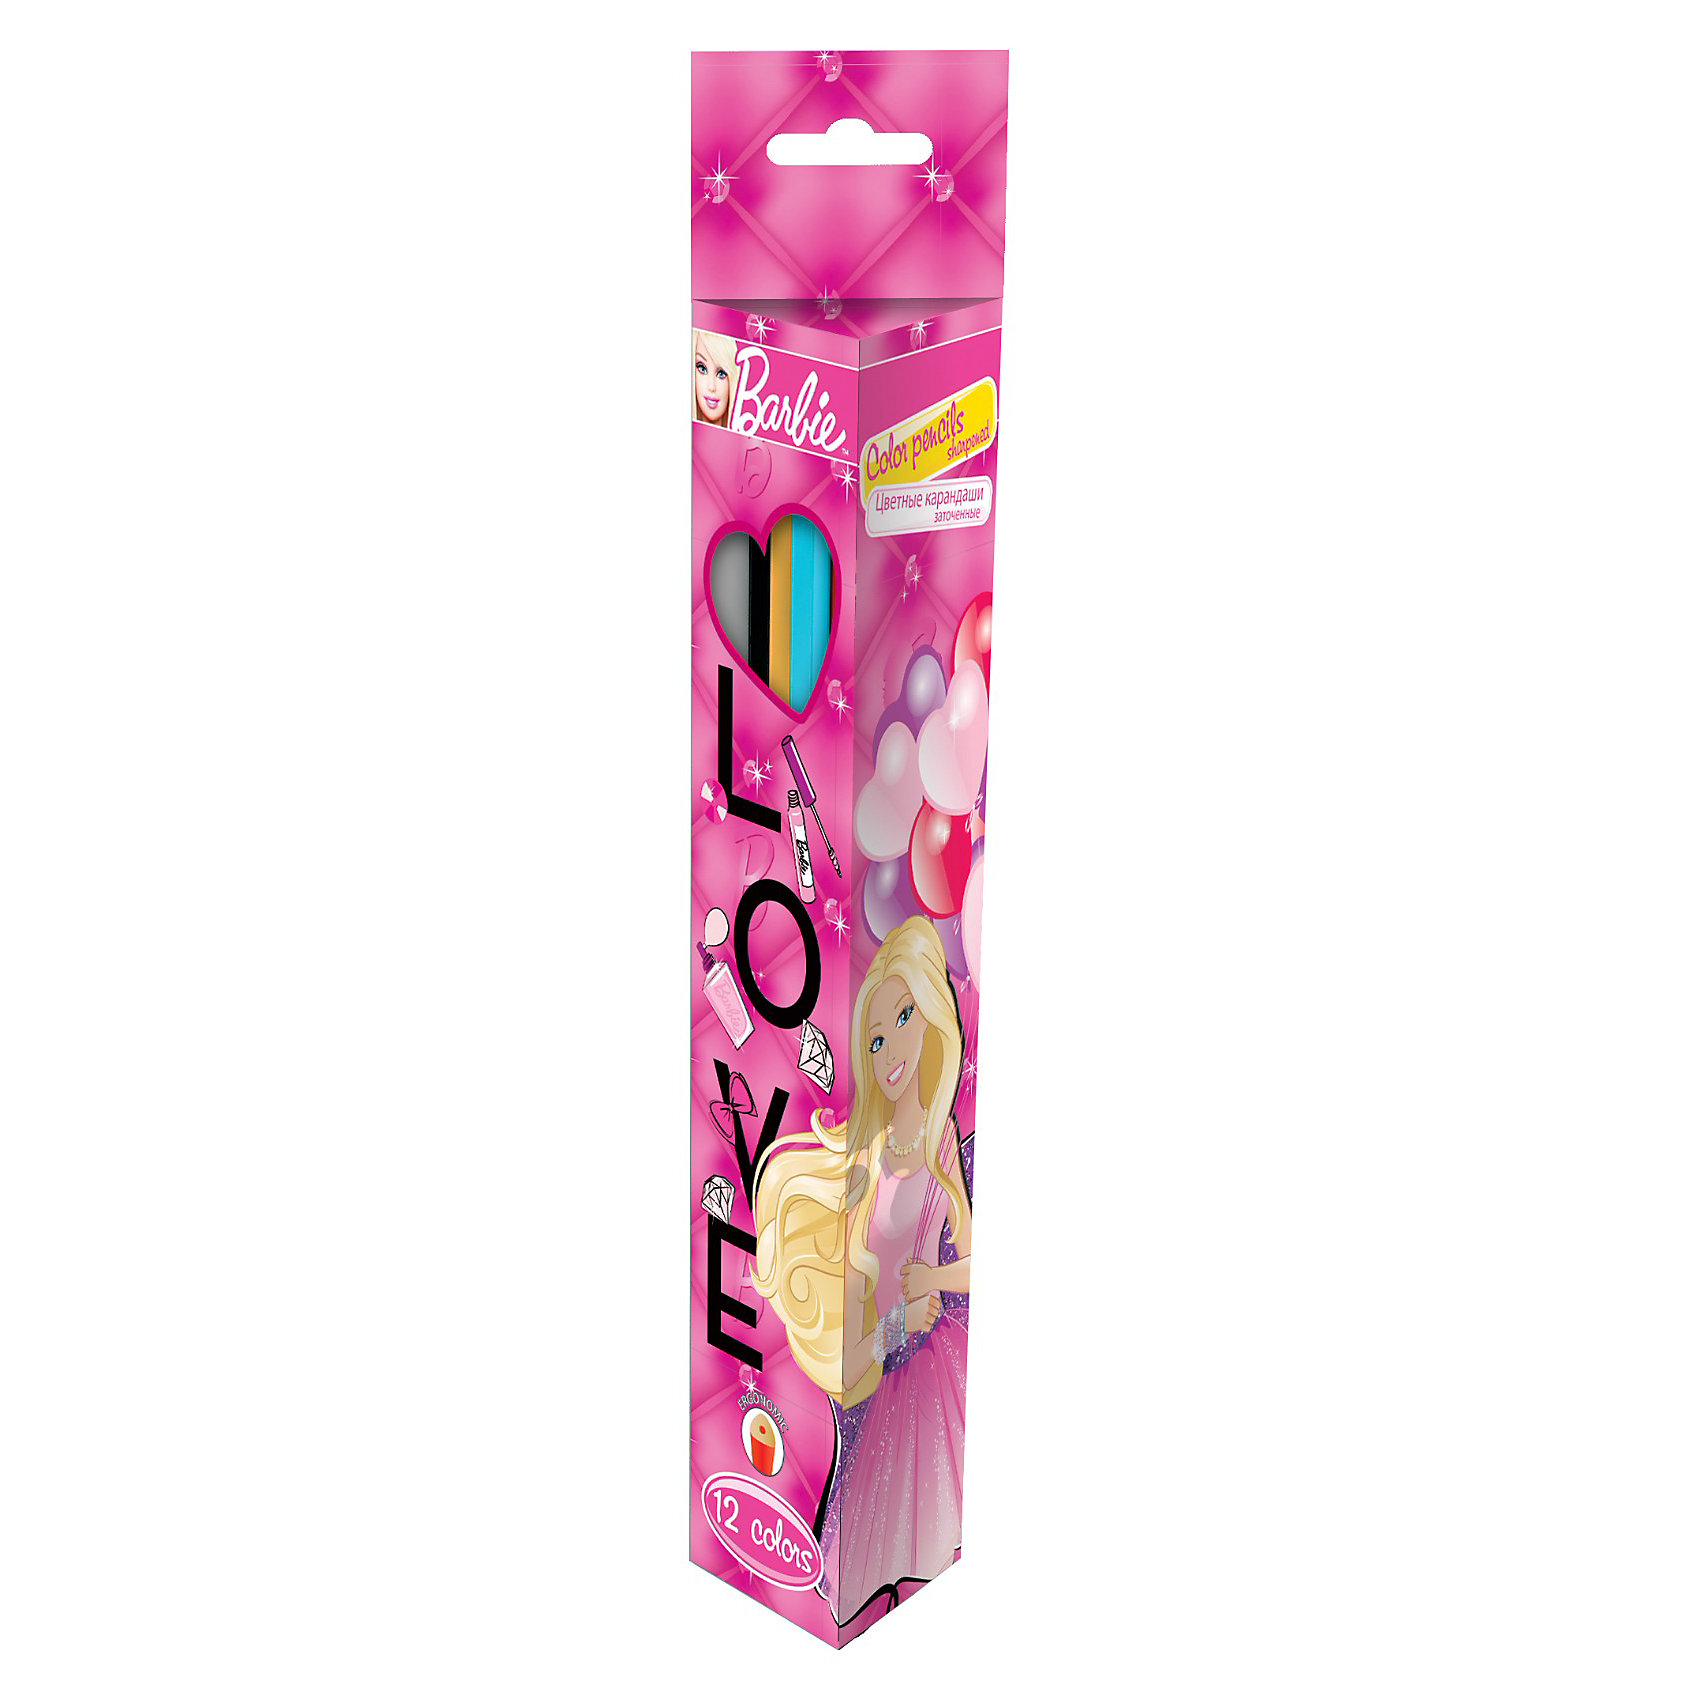 Цветные карандаши (треугольные), 12 шт, BarbieBarbie<br>Цветные карандаши (треугольные), 12 шт, Barbie (Барби) изготовлены из высококачественной древесины. Карандаши имеют не совсем привычный треугольный профиль и упакованы в коробку из мелованного картона с картинкой в стиле Барби.<br><br>Рисование способствует развитию мелкой моторики рук, внимания, творческих и художественных способностей ребенка. <br><br>Подарите Вашему ребенку праздник творчества!<br><br>Дополнительная информация:<br><br>- Размер упаковки: 21,5 х 4,5 х 2,5 см<br>- Вес: 150 г.<br><br>Цветные карандаши (треугольные), 12 шт, Barbie (Барби) можно купить в нашем интернет-магазине.<br><br>Ширина мм: 215<br>Глубина мм: 45<br>Высота мм: 25<br>Вес г: 150<br>Возраст от месяцев: 96<br>Возраст до месяцев: 108<br>Пол: Женский<br>Возраст: Детский<br>SKU: 3563152